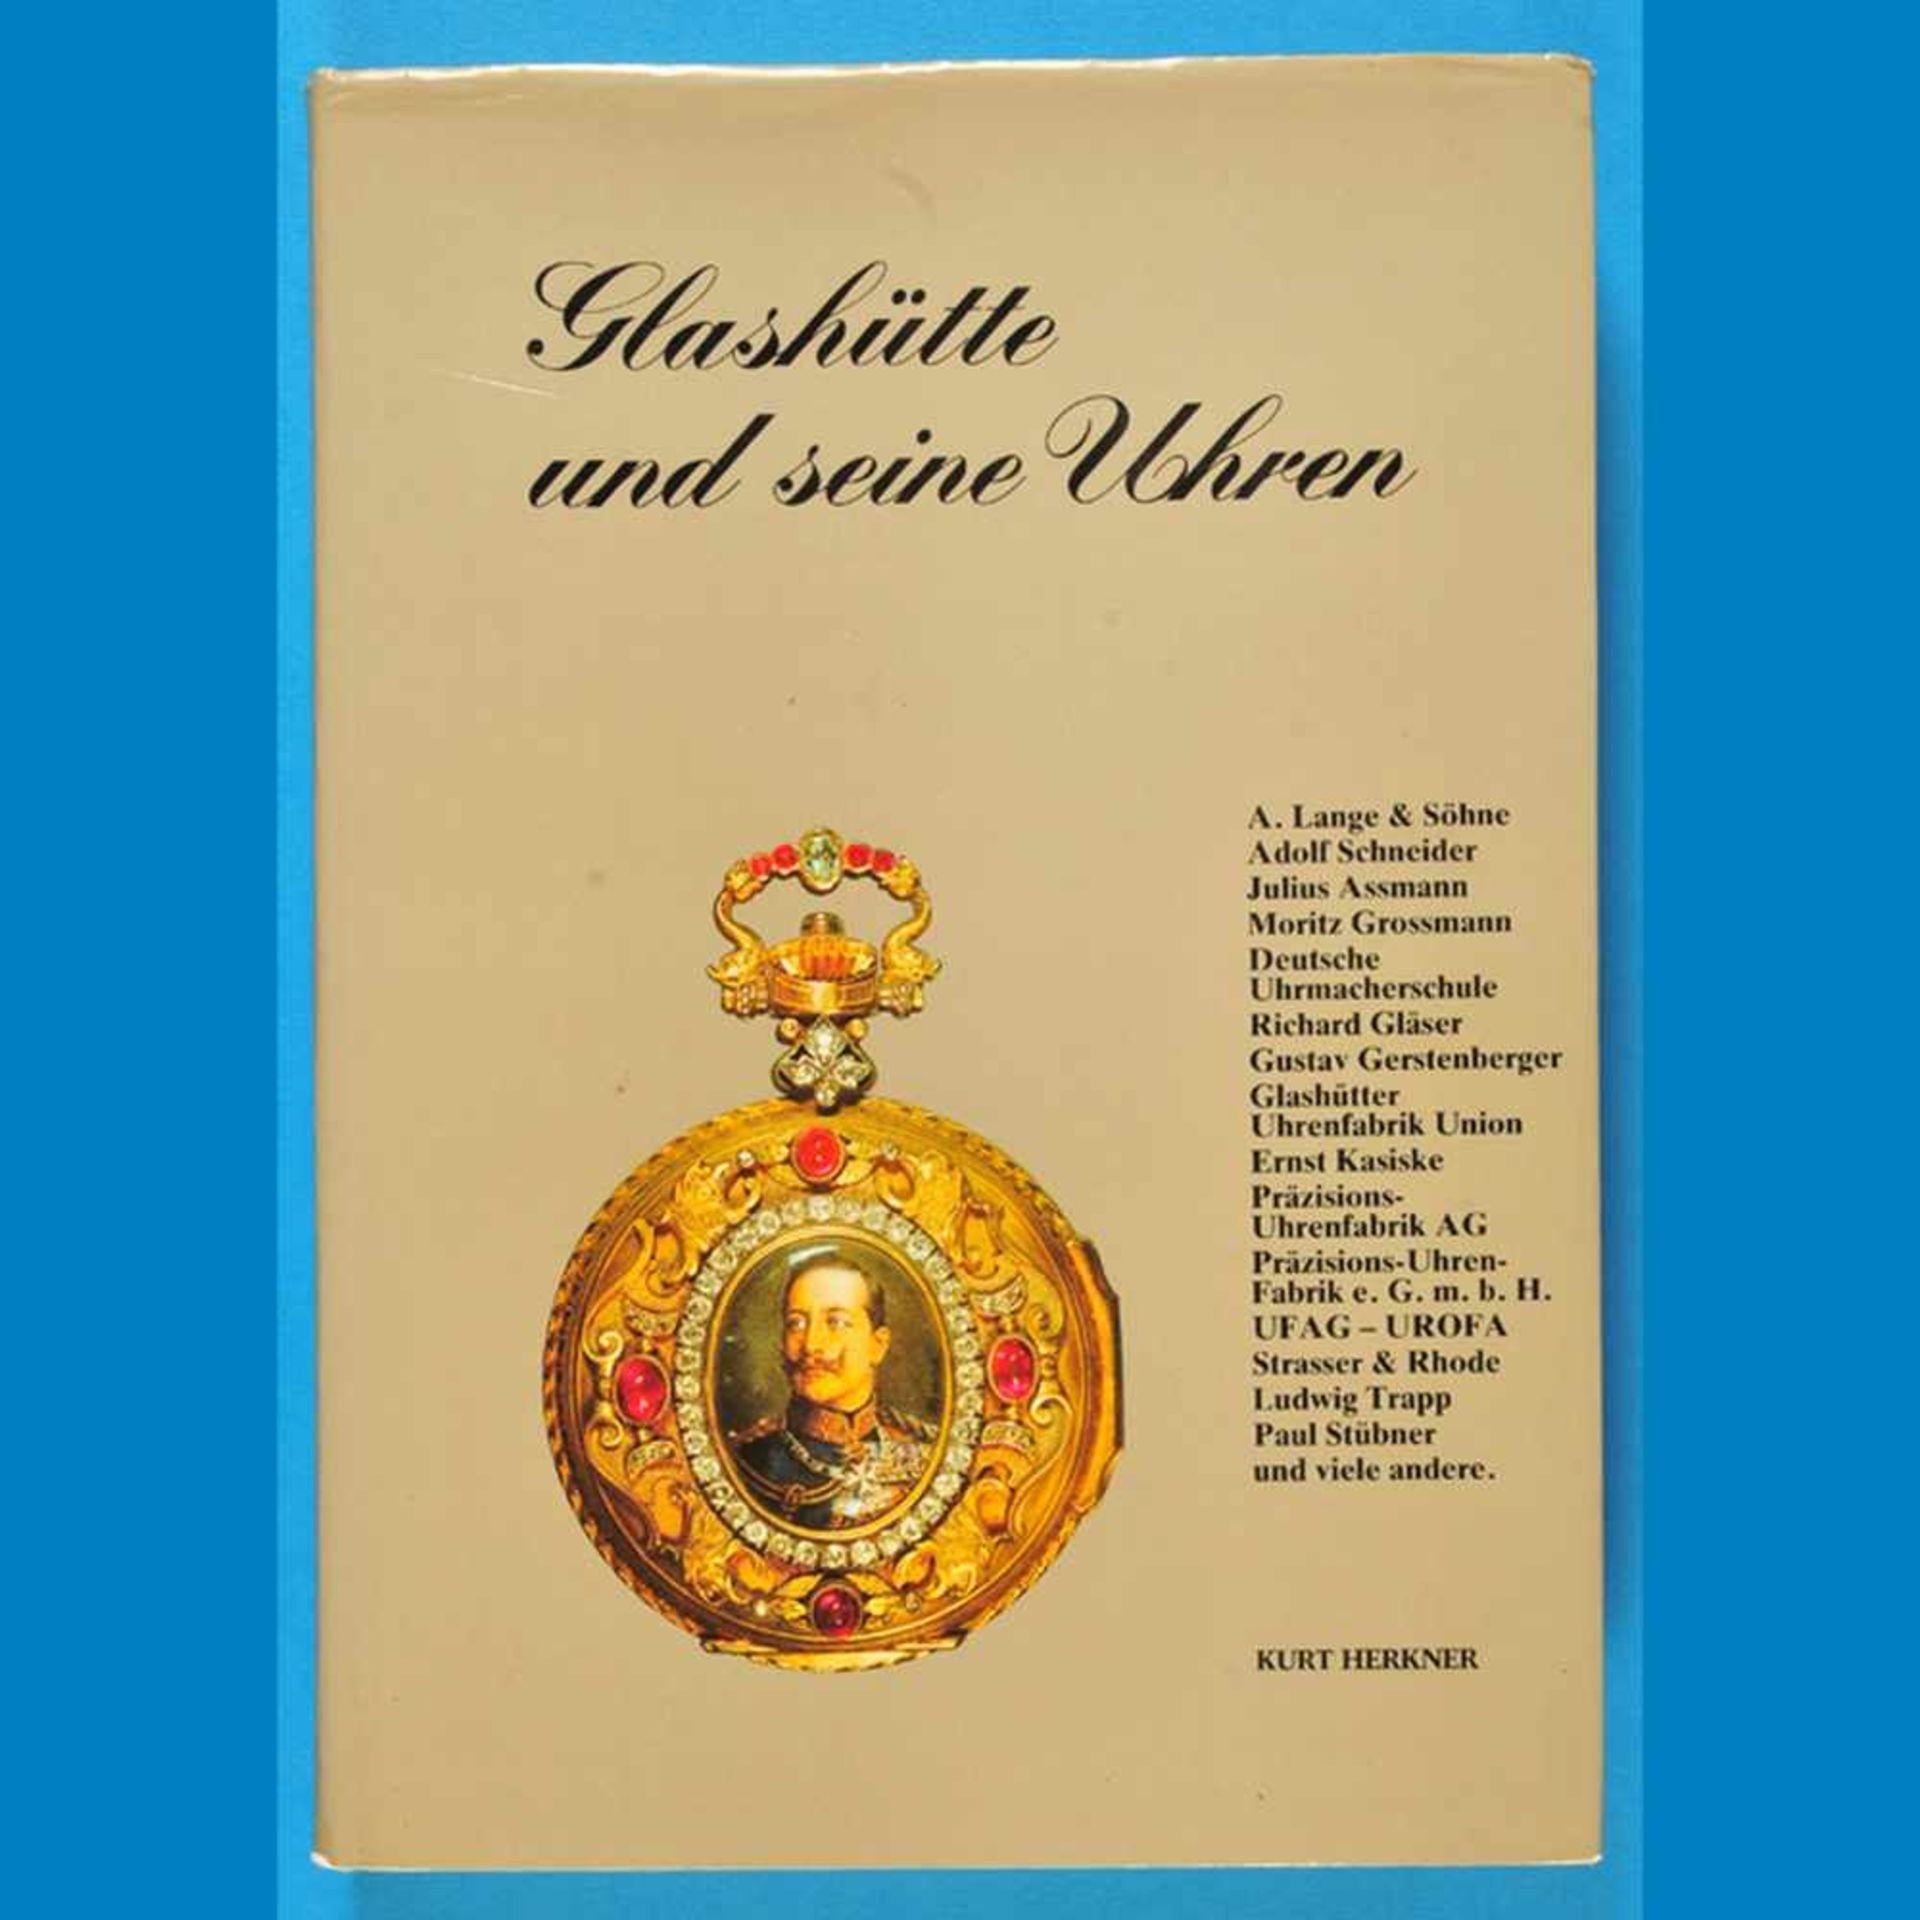 Kurt Herkner, Glashütte und seine Uhren, 2. Auflage 1988Kurt Herkner, Glashütte und seine U